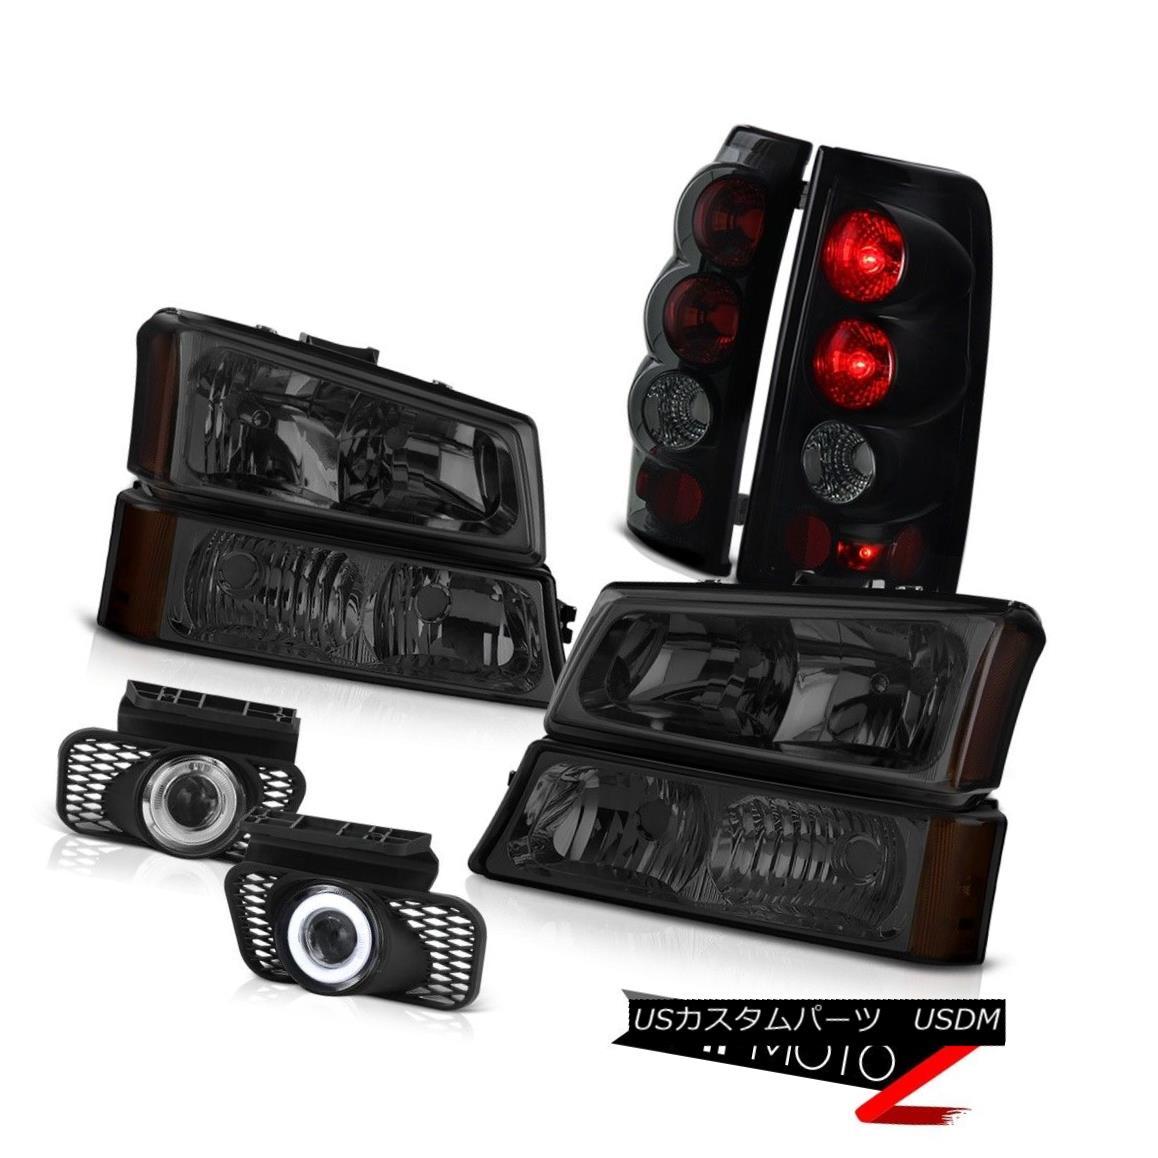 テールライト PAIR Smoke Headlights Smoked LED Signal Reverse Tail Lights DRL 03 04 Silverado PAIRスモークヘッドライトスモークLED信号リバーステールライトDRL 03 04 Silverado